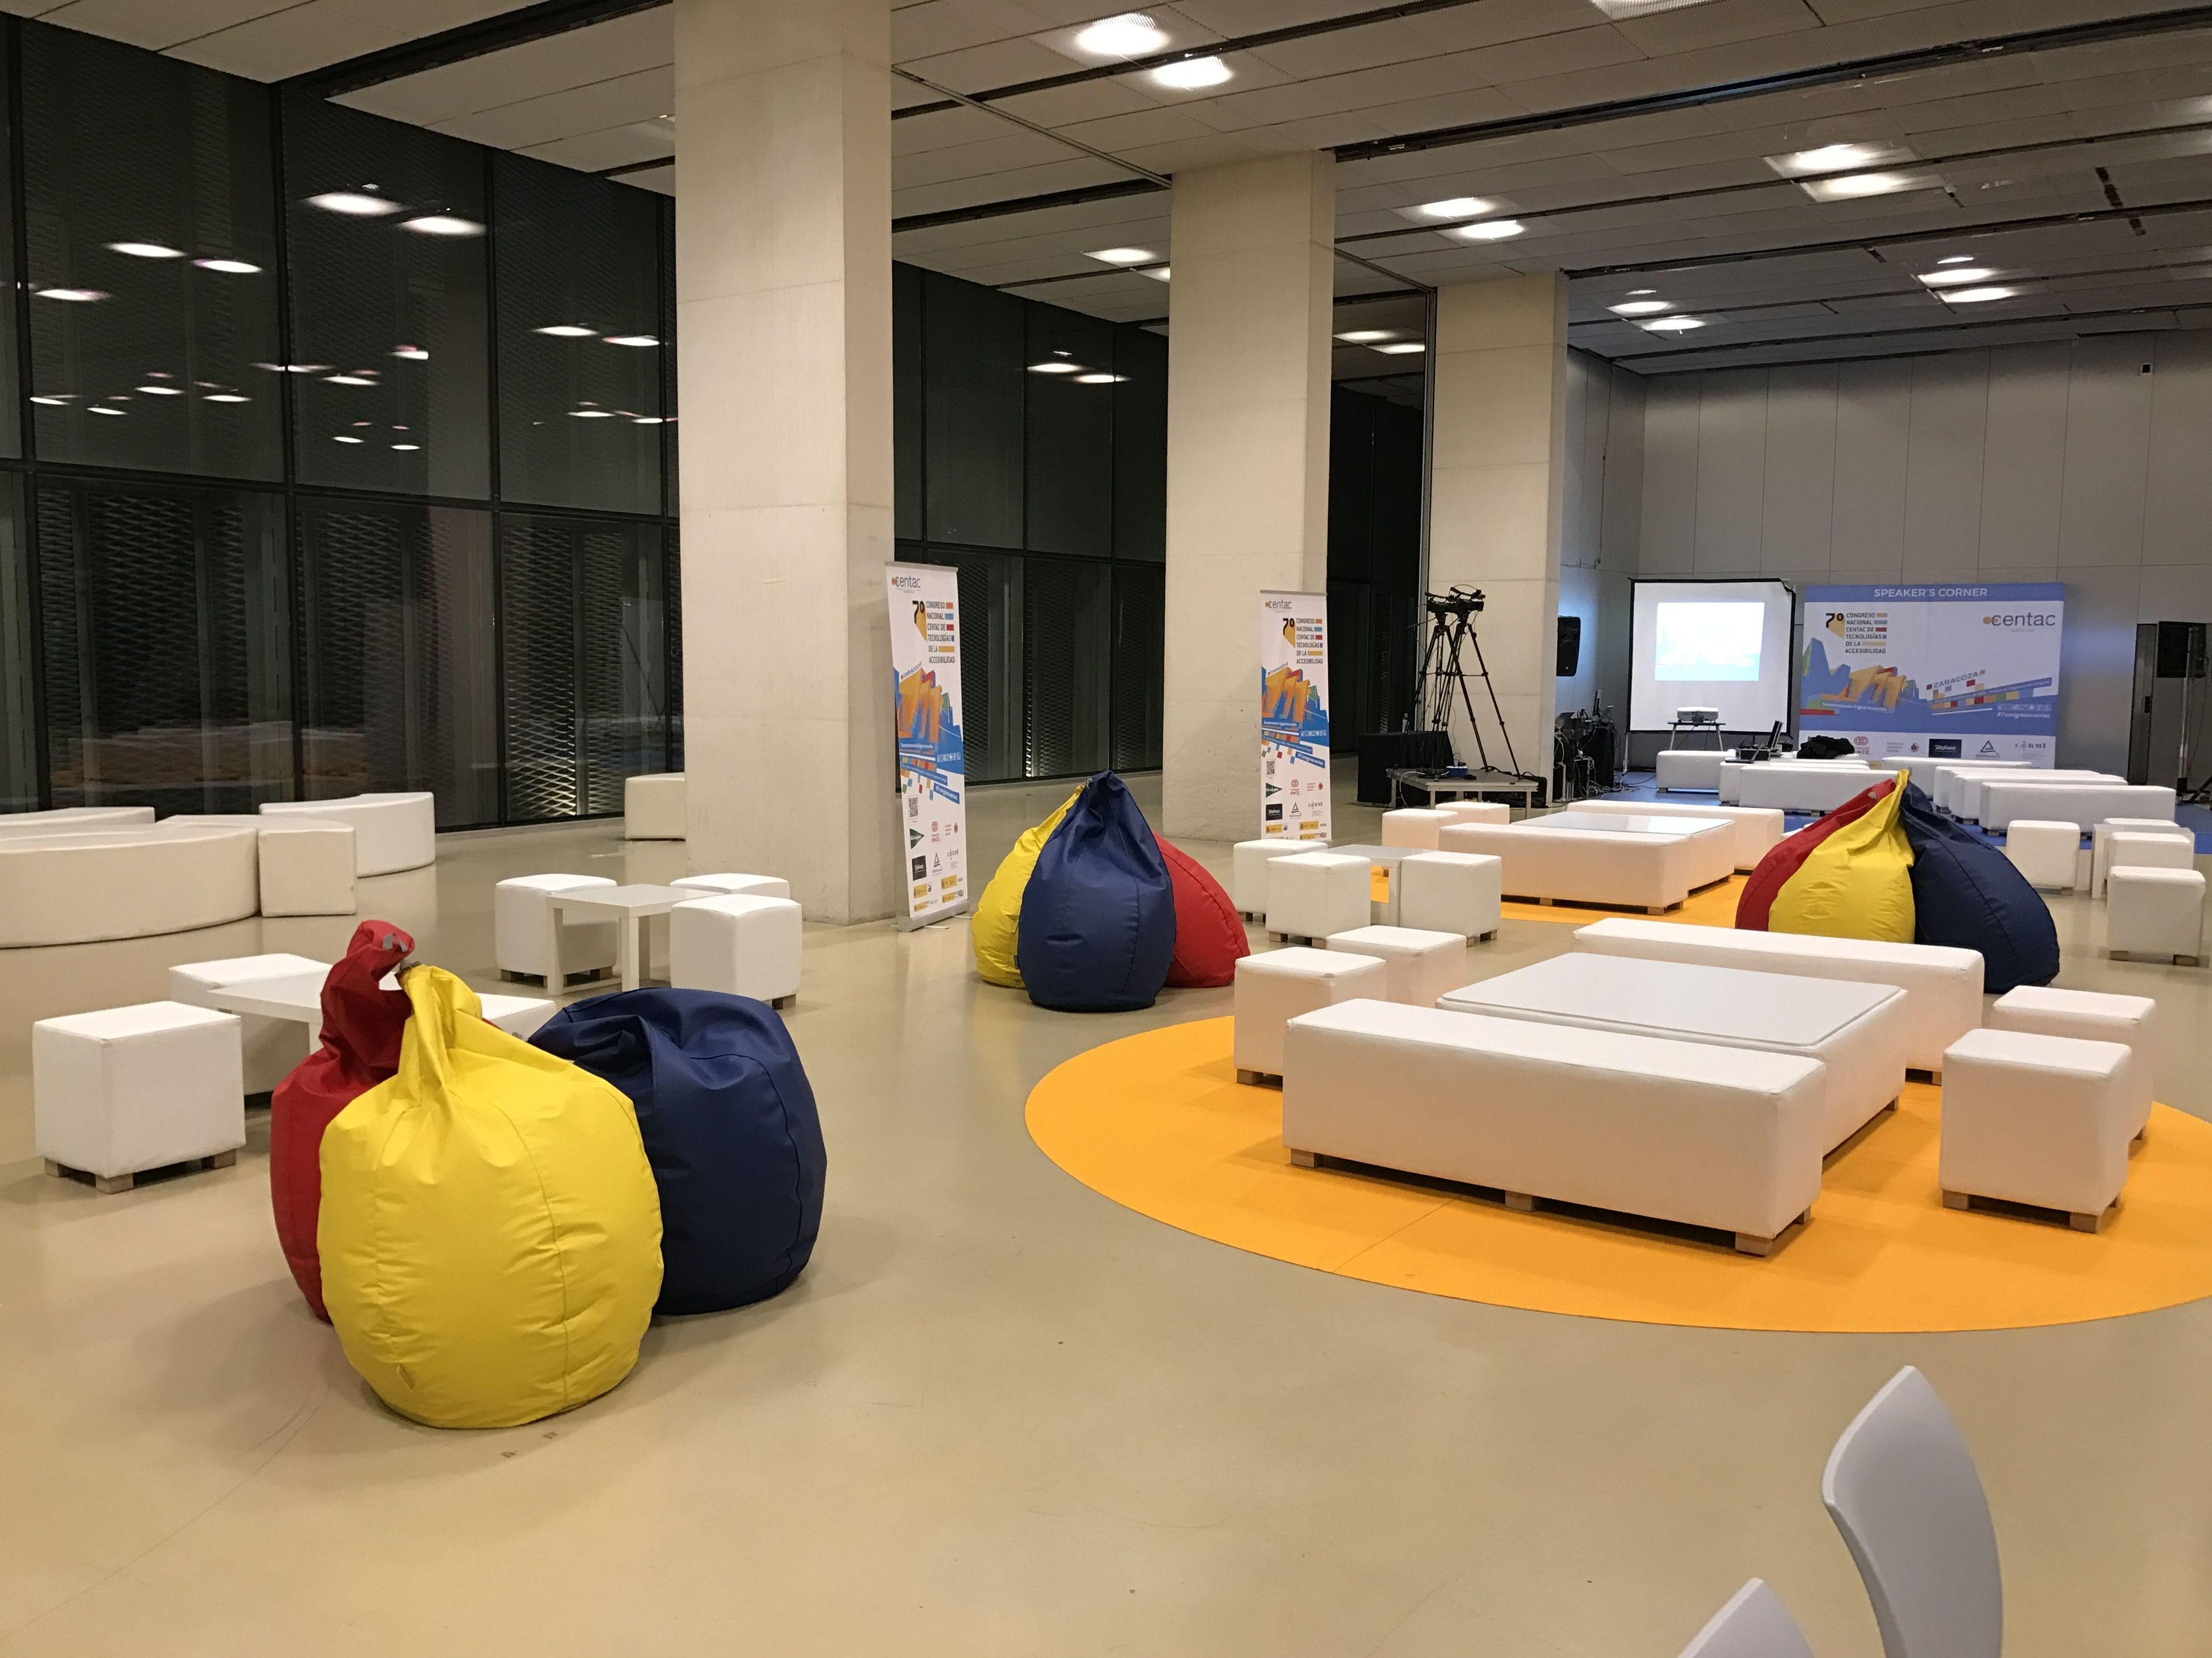 Foto 2 de Alquiler de sillas, mesas y menaje en Zaragoza | Stuhl Ibérica Alquiler de Mobiliario